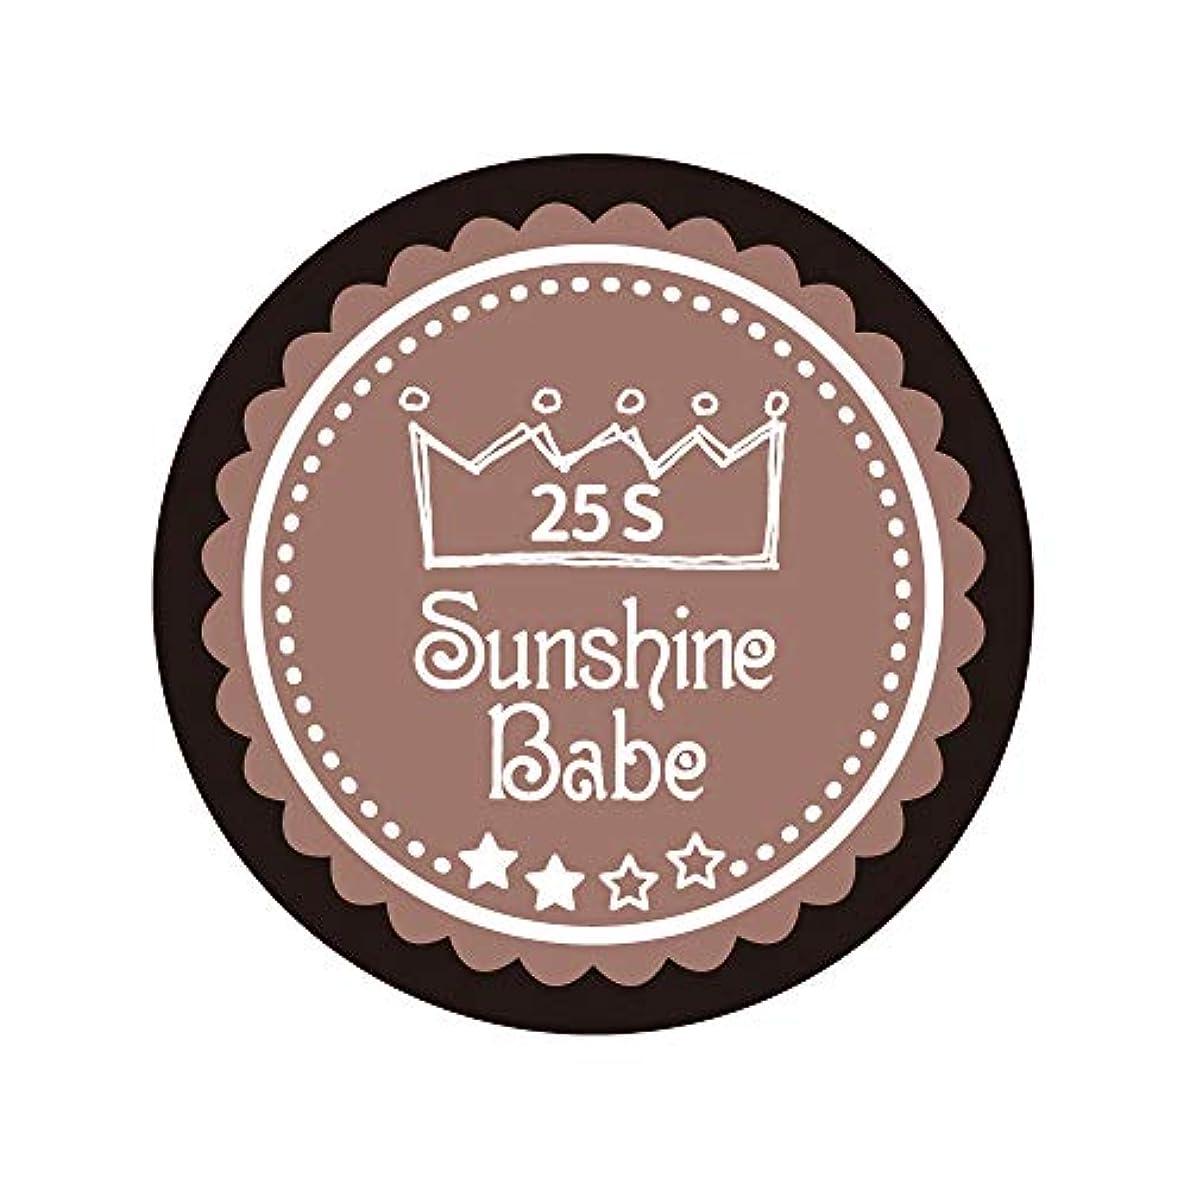 写真を撮る技術者泥沼Sunshine Babe カラージェル 25S ミルキーココア 2.7g UV/LED対応